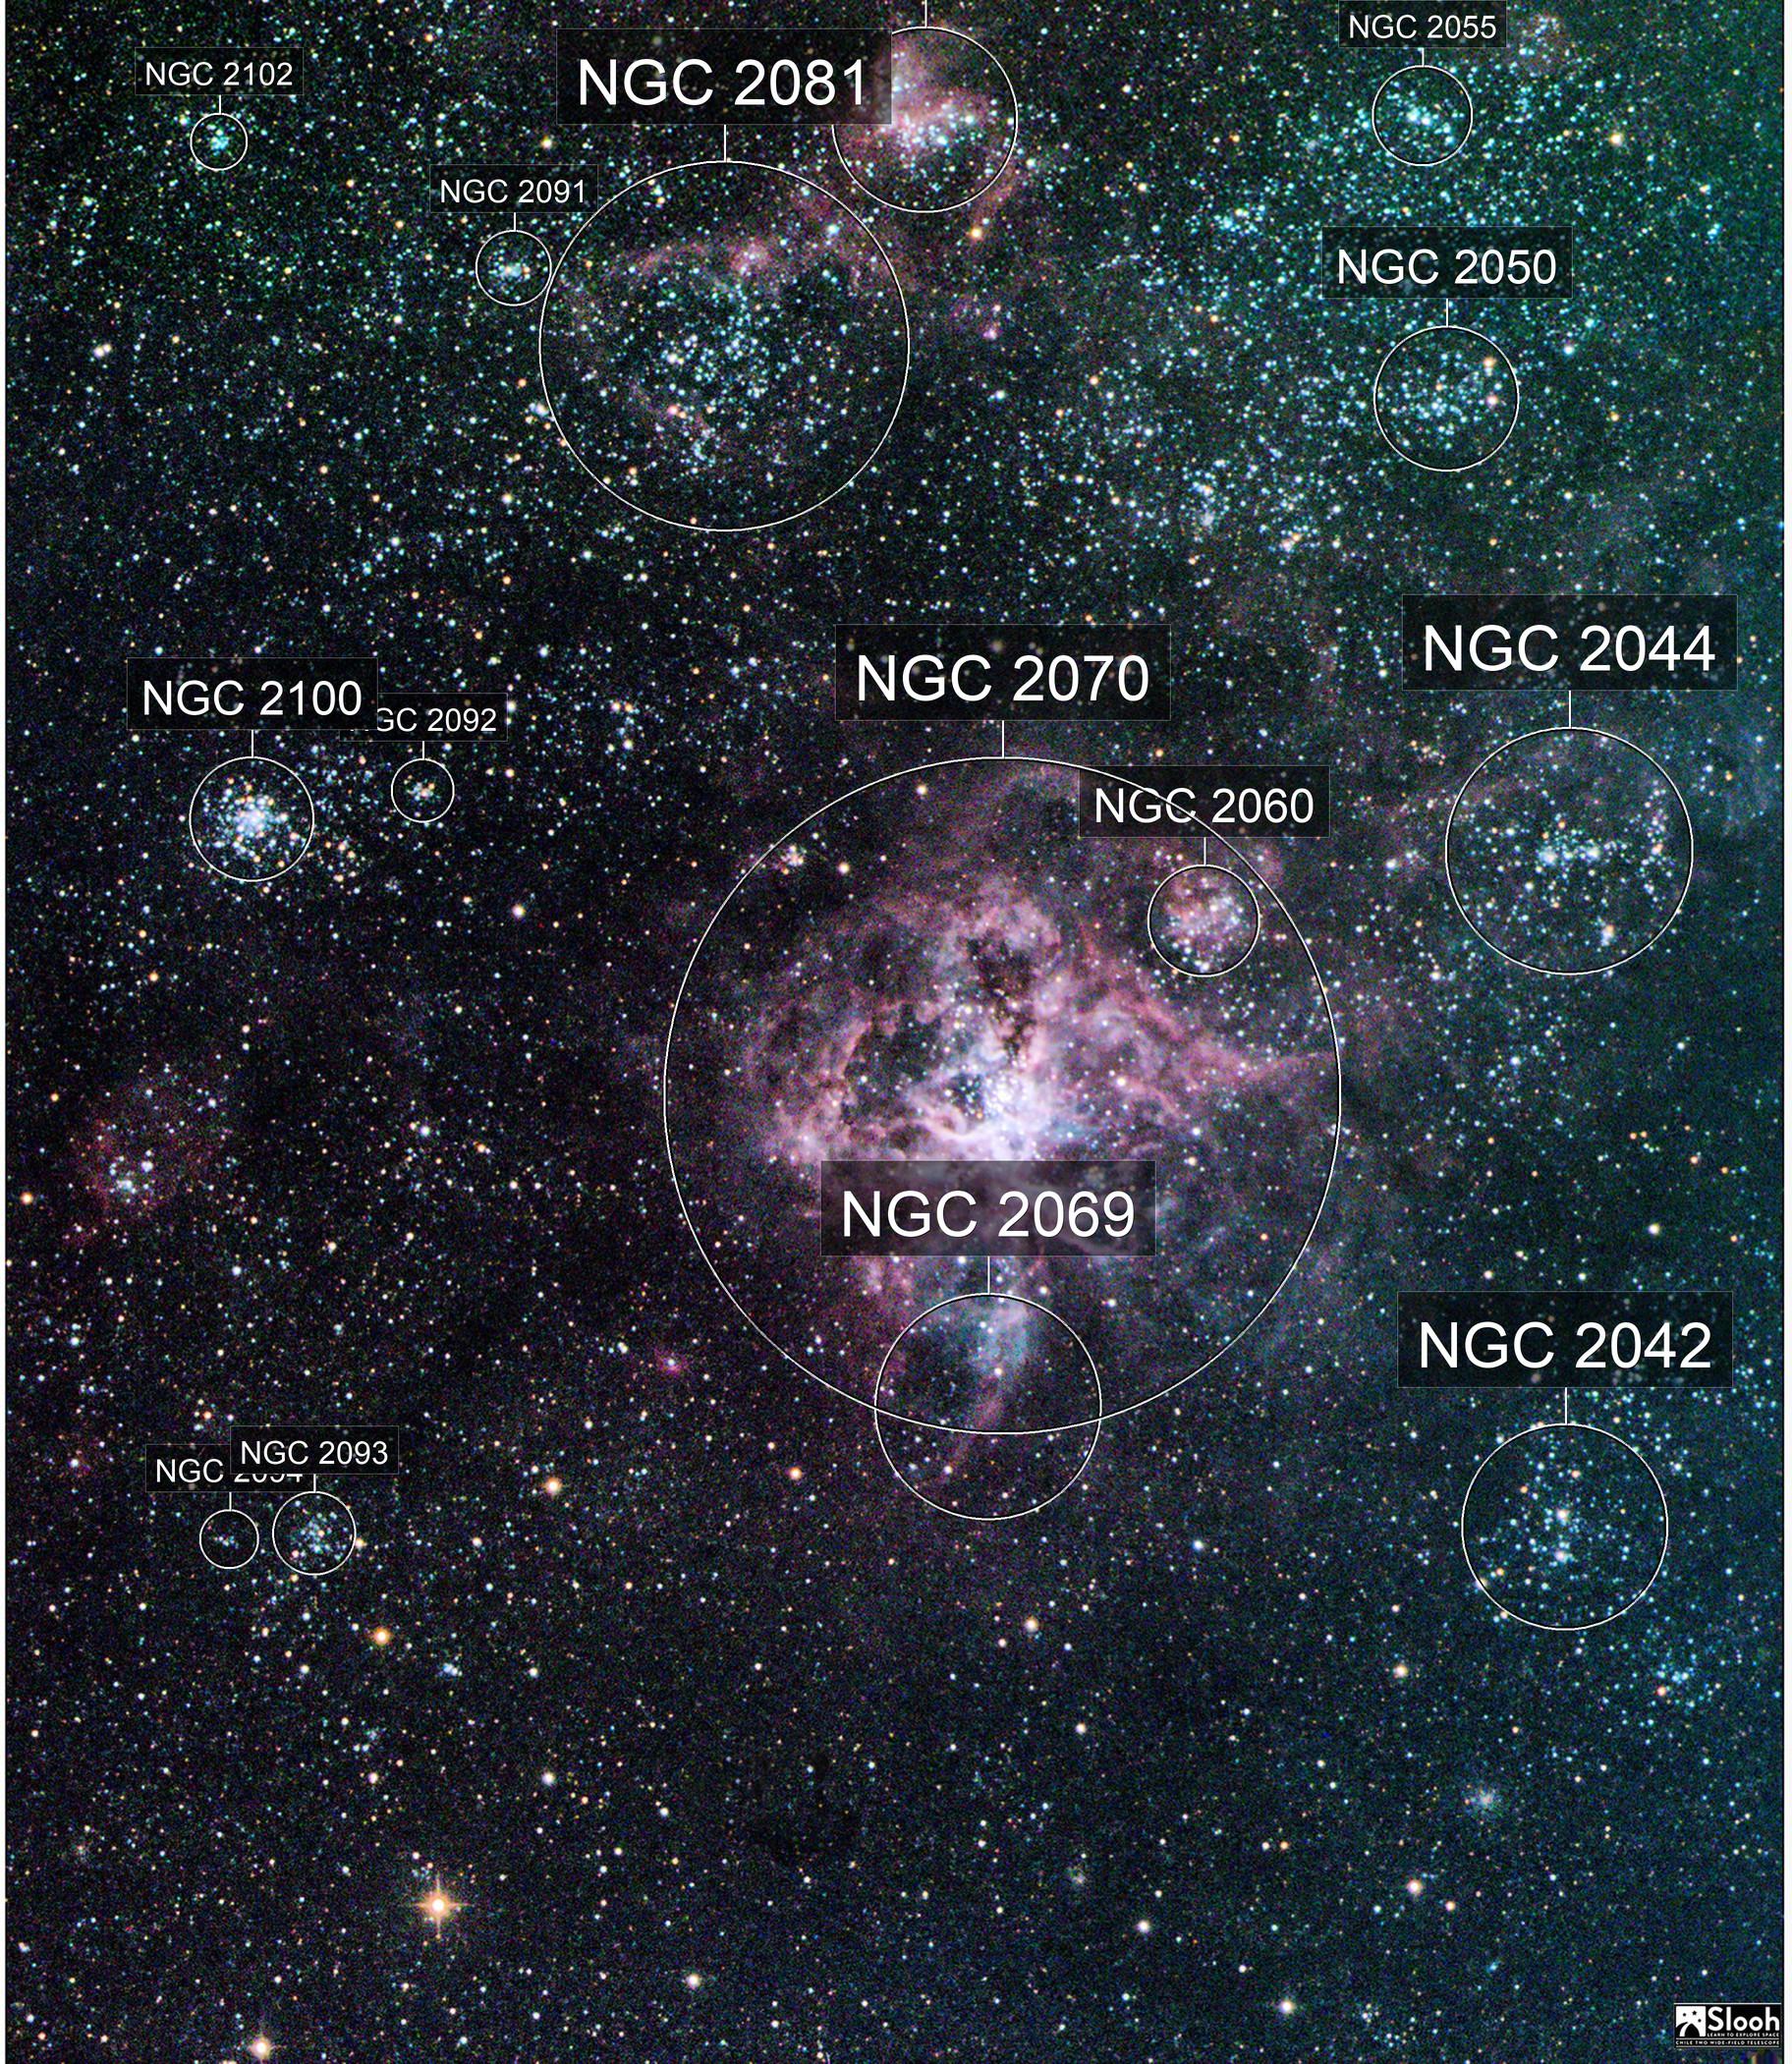 NGC2070